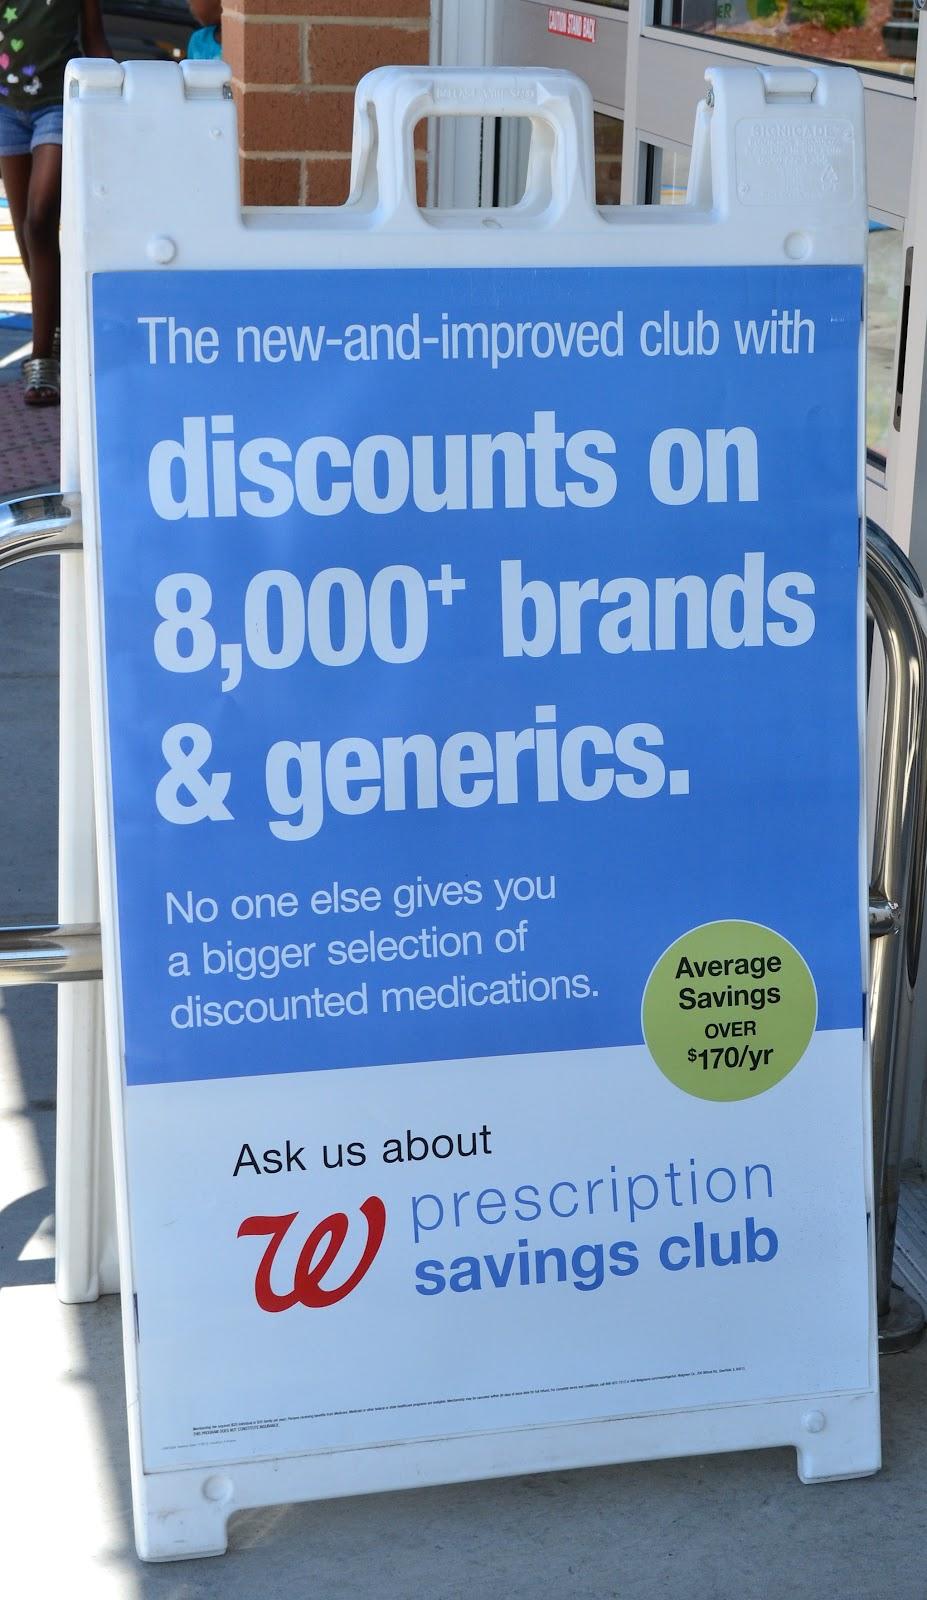 Walgreens Prescription Savings Club